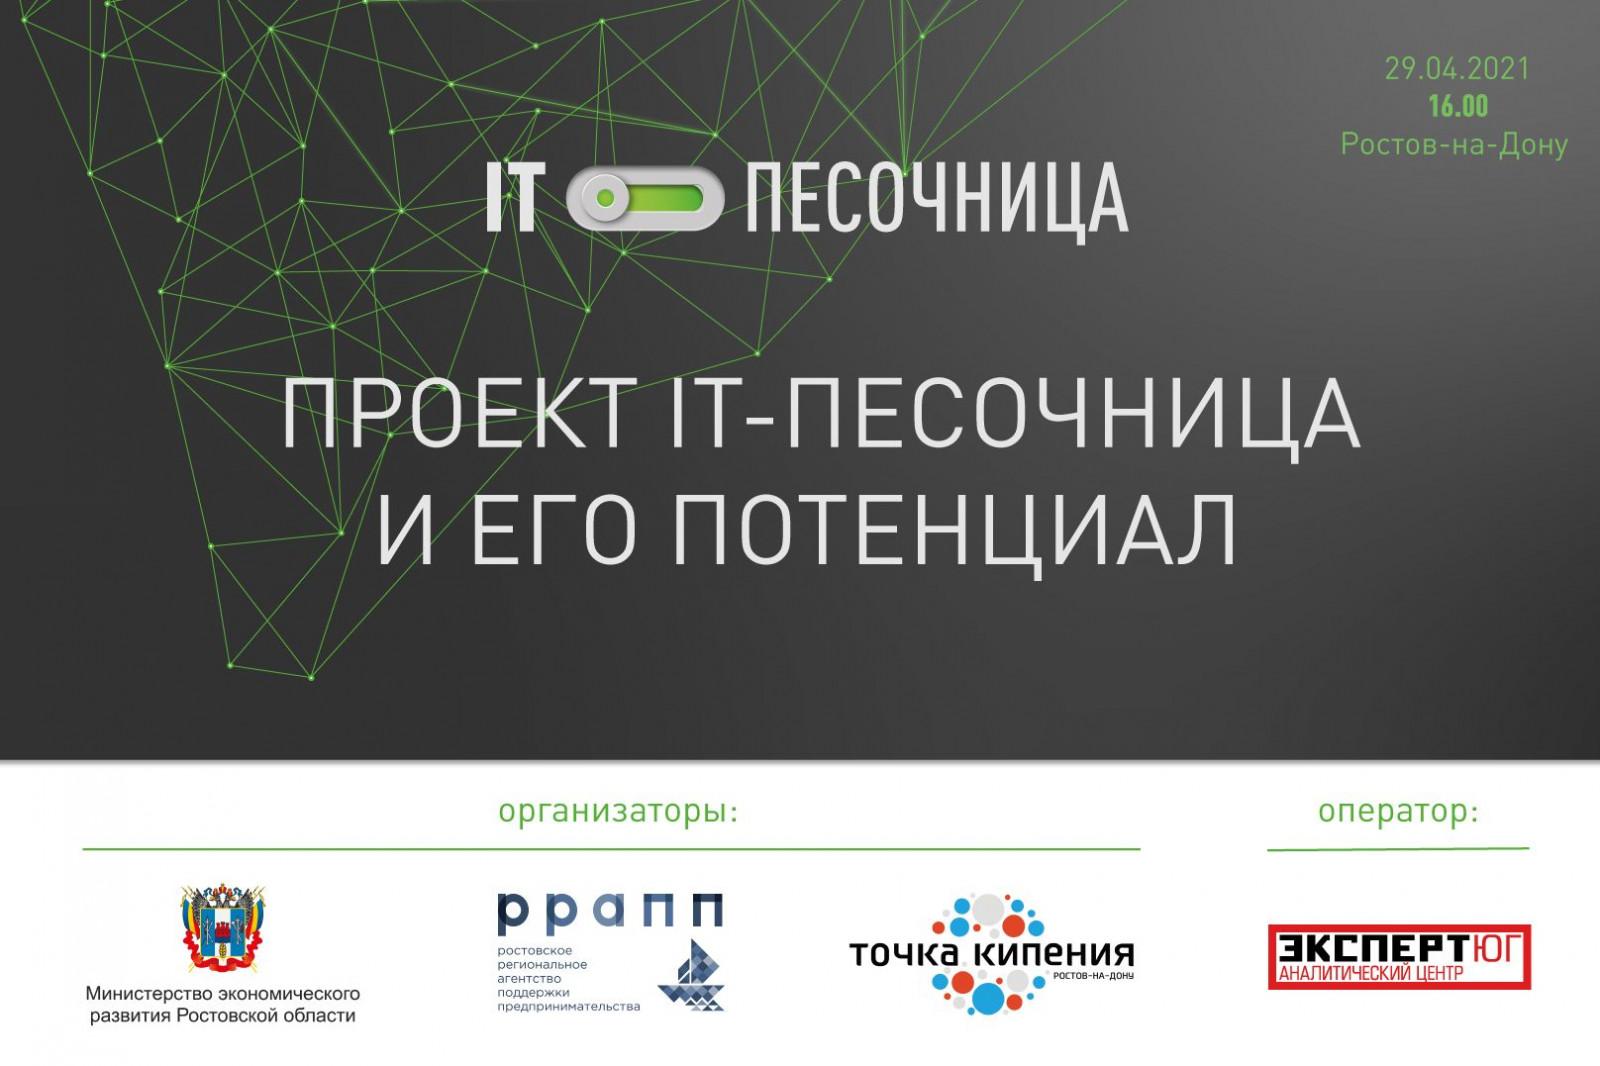 В Ростовской области запускается «IT-песочница»